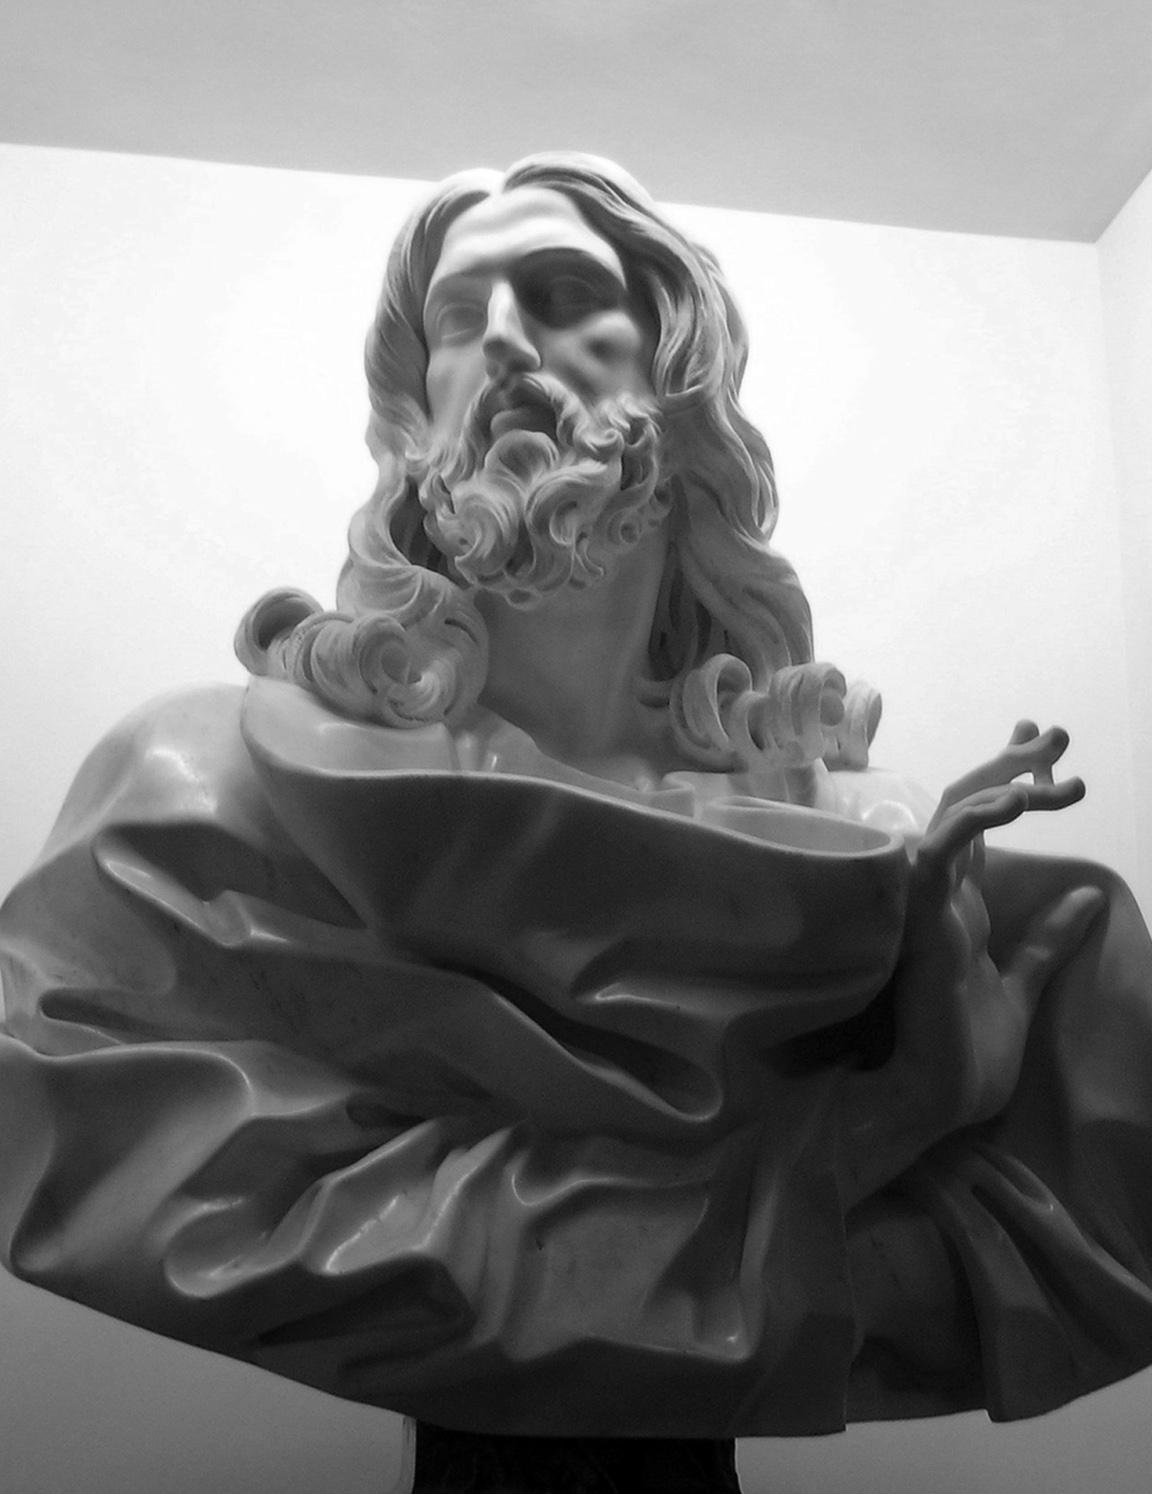 Salvator Mundi Wikipedia >> File:Salvator Mundi by Bernini.JPG - Wikimedia Commons